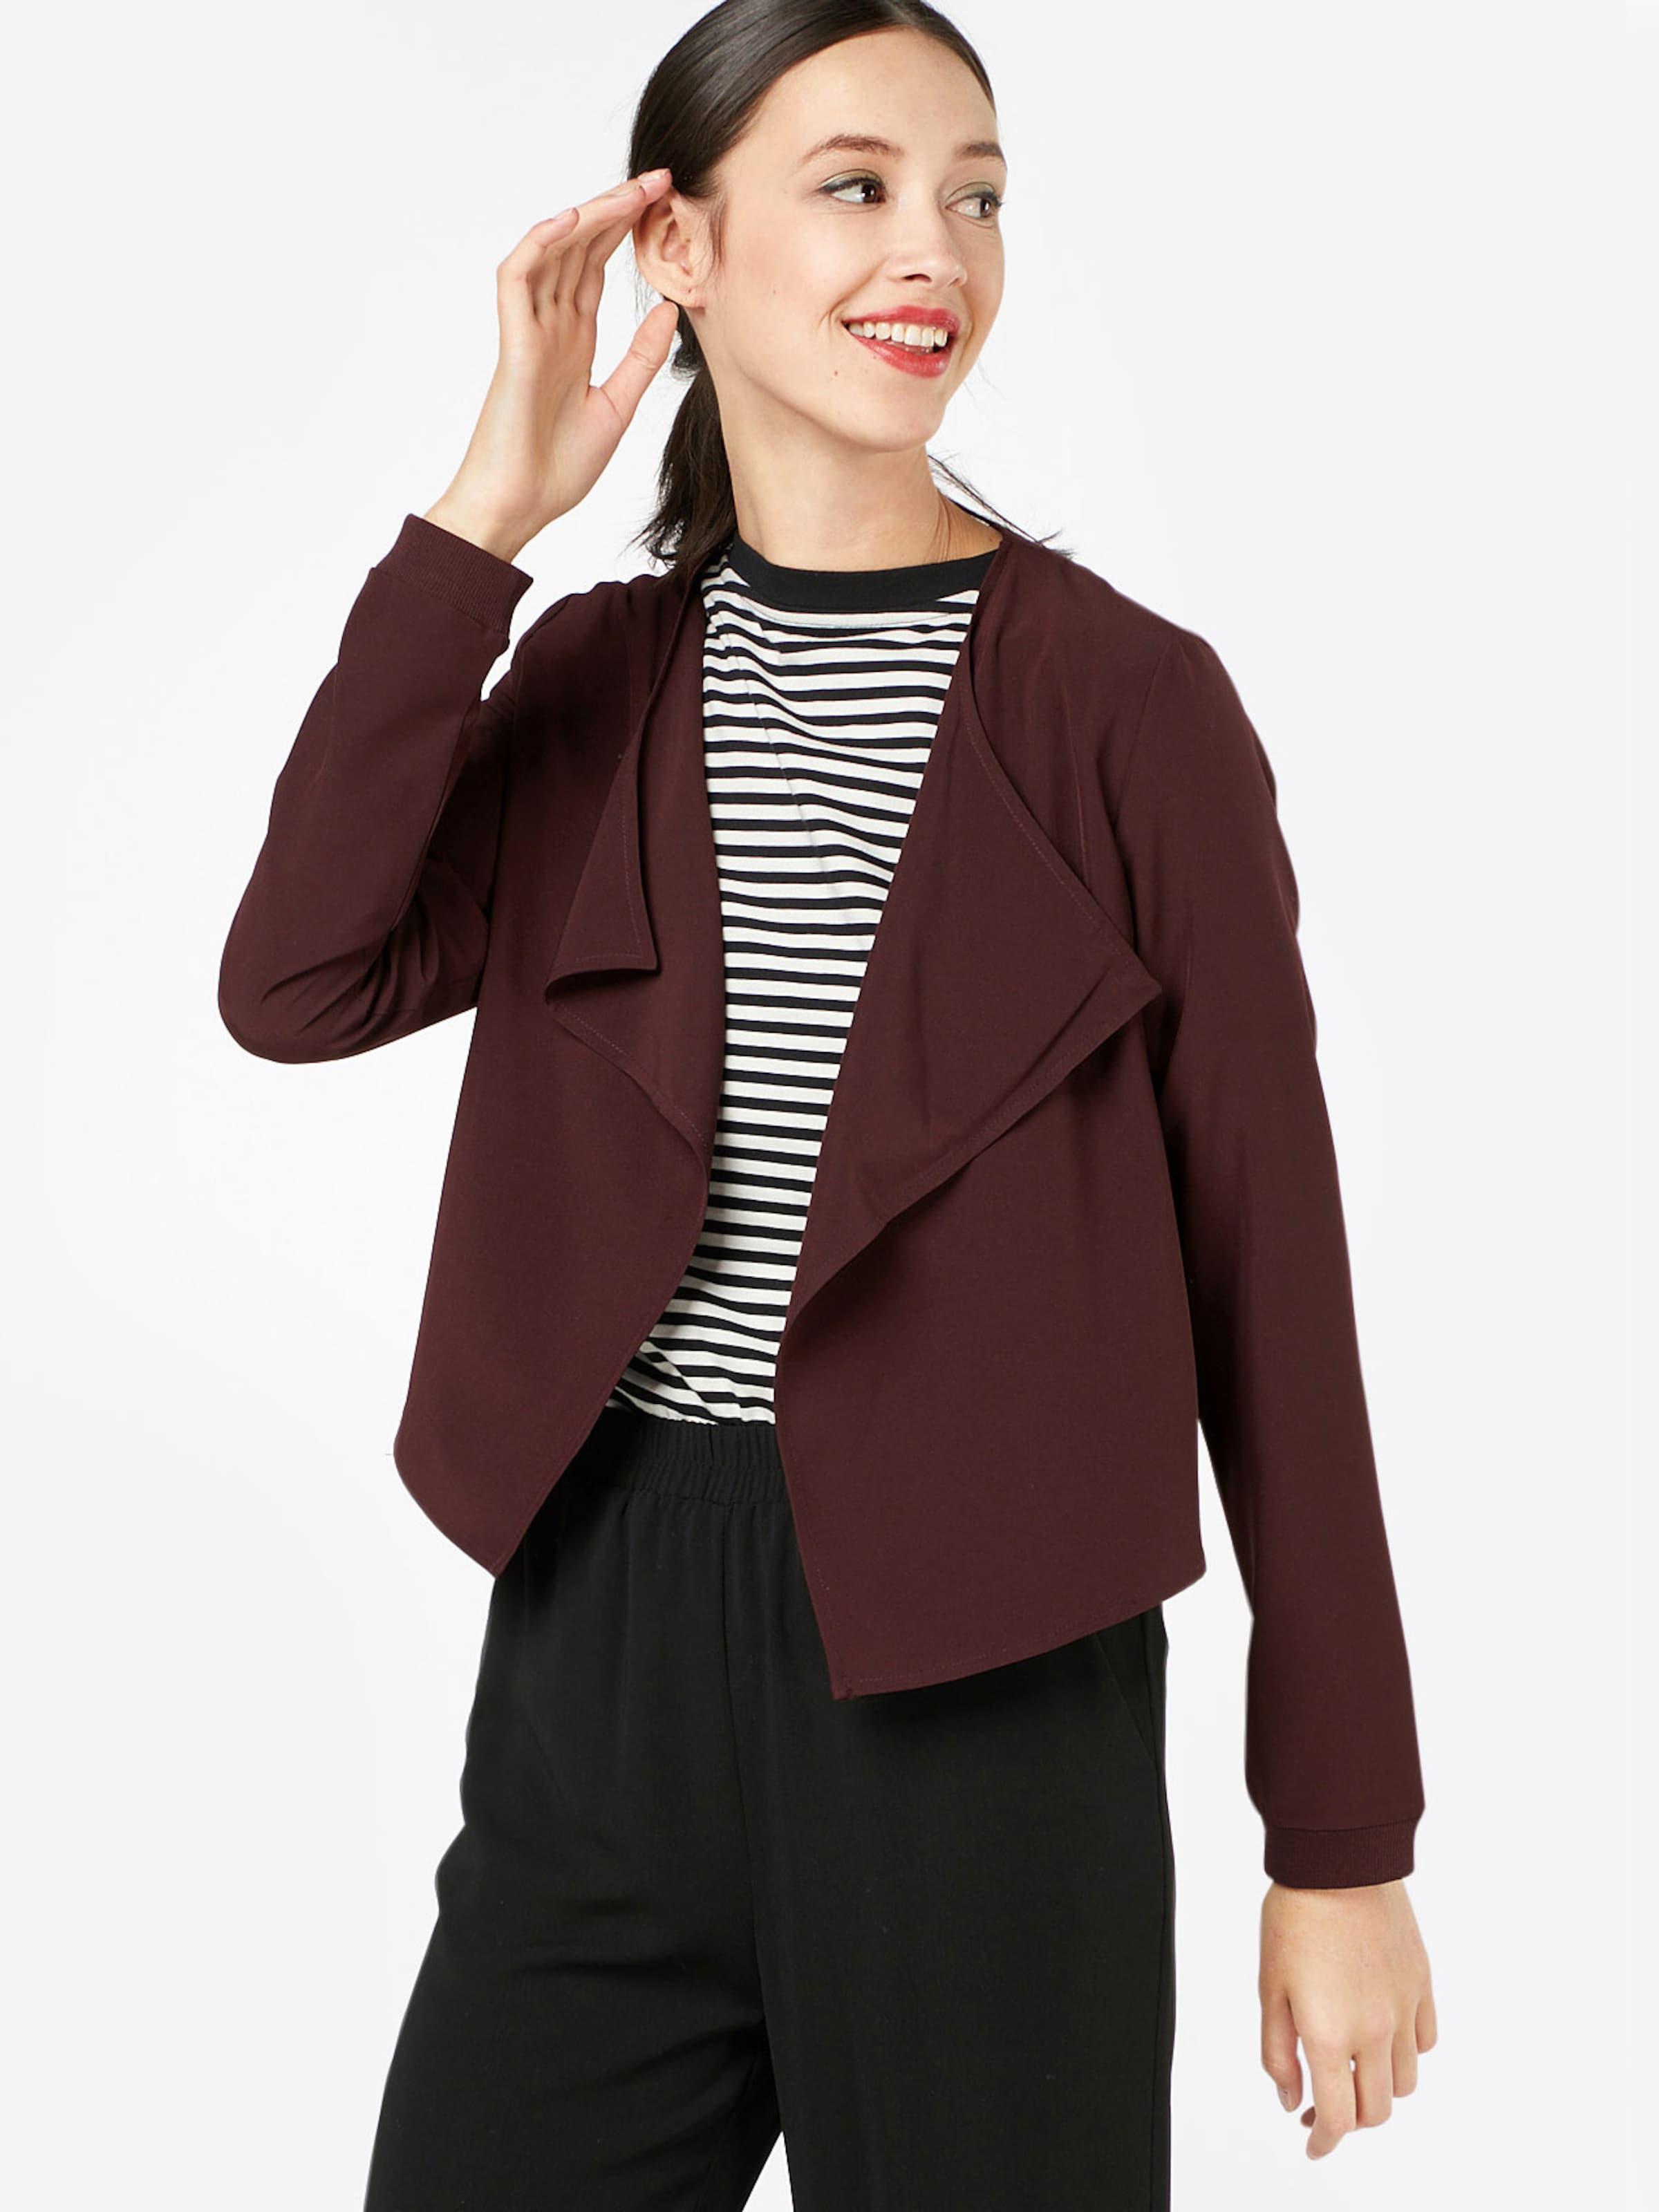 2018 Unisex Verkauf Online B.C. Best Connections by heine Leichte Jacke 'Shirt' Günstig Kaufen Ausgang Wählen Eine Beste 5u0L5Fuw8